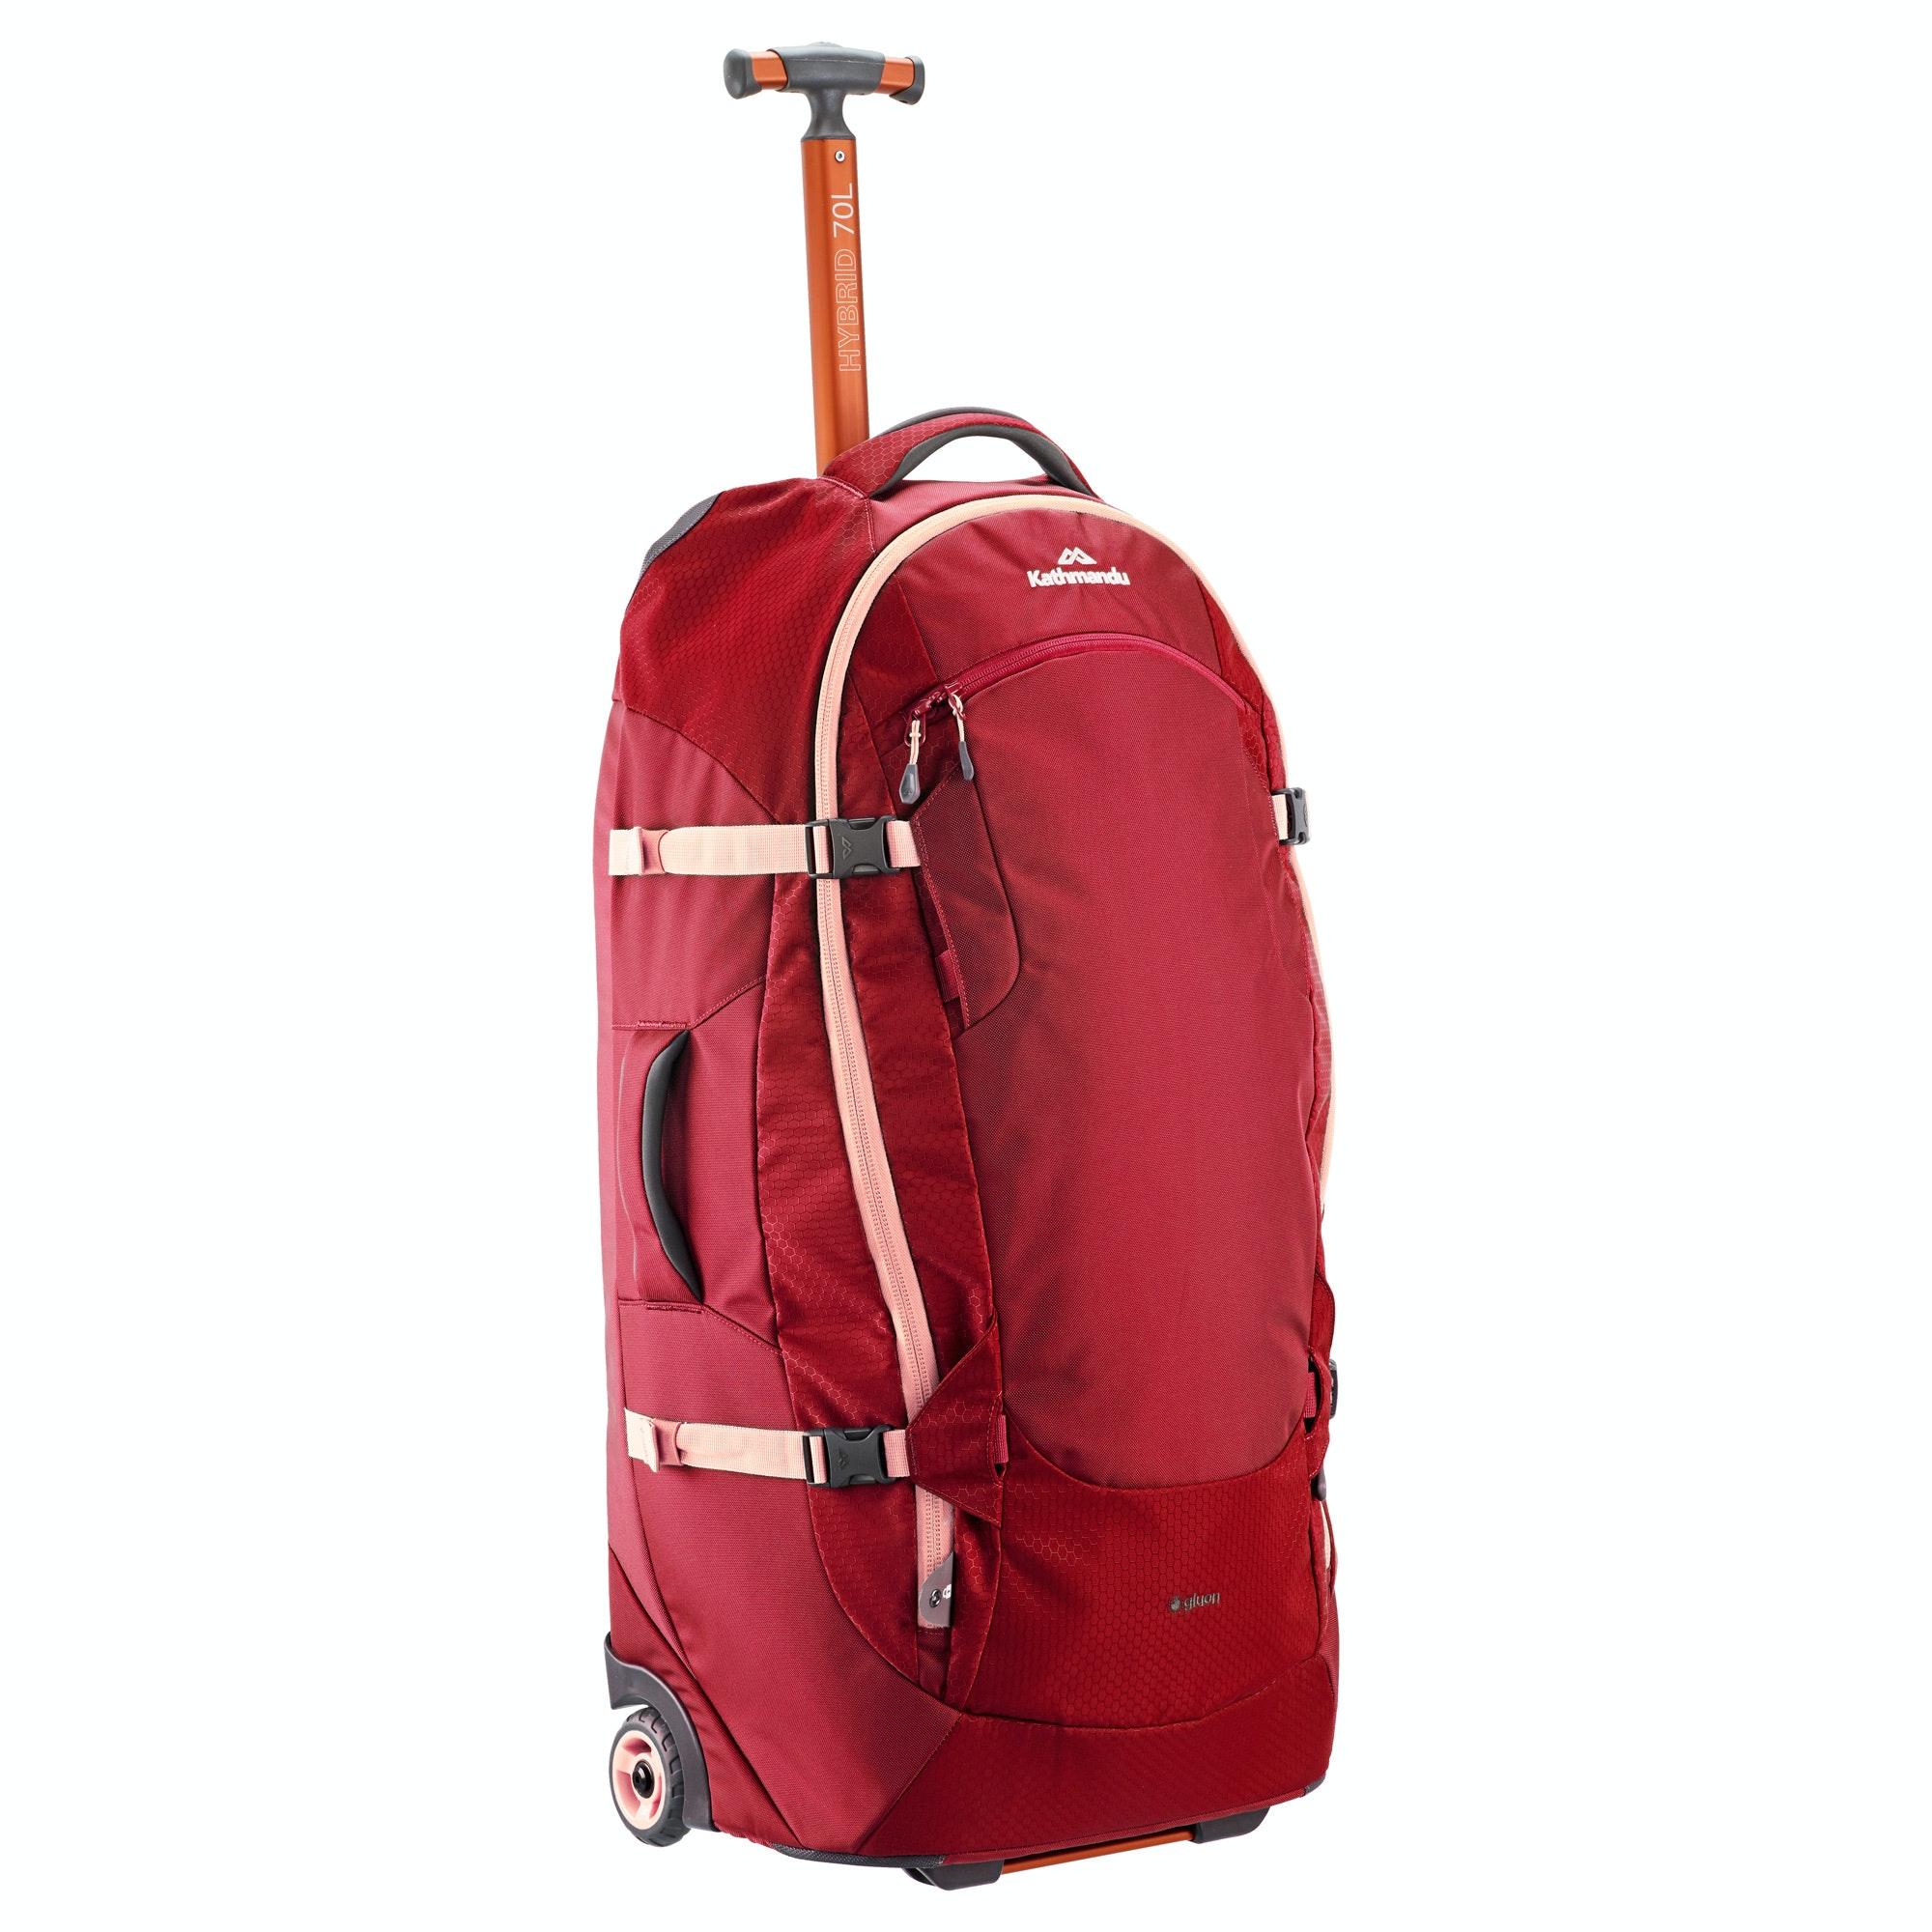 Kathmandu Hybrid 70l Backpack Harness Wheeled Travel